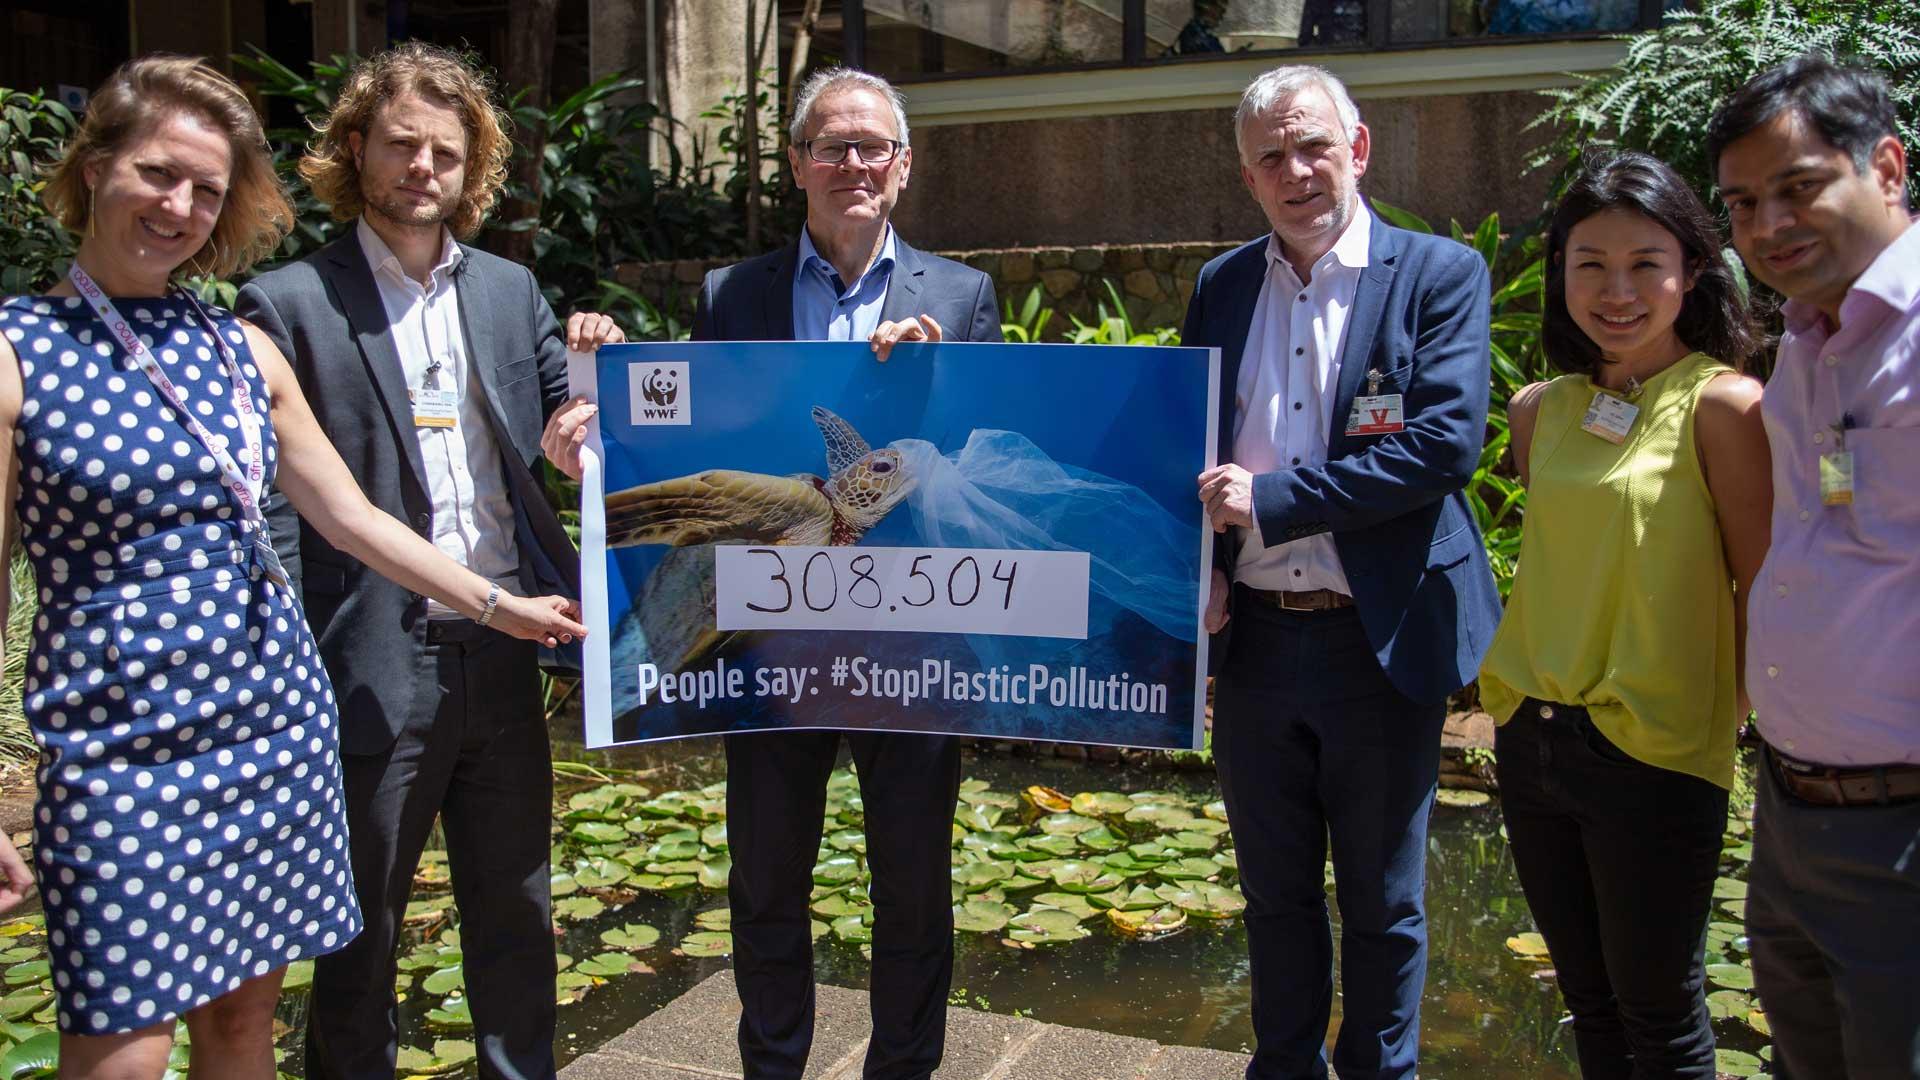 Wir haben heute eure 300.000 Überschriften an Umwelt-Staatssekretär Jochen Flasbarth übergeben. © Markus Winkler / WWF